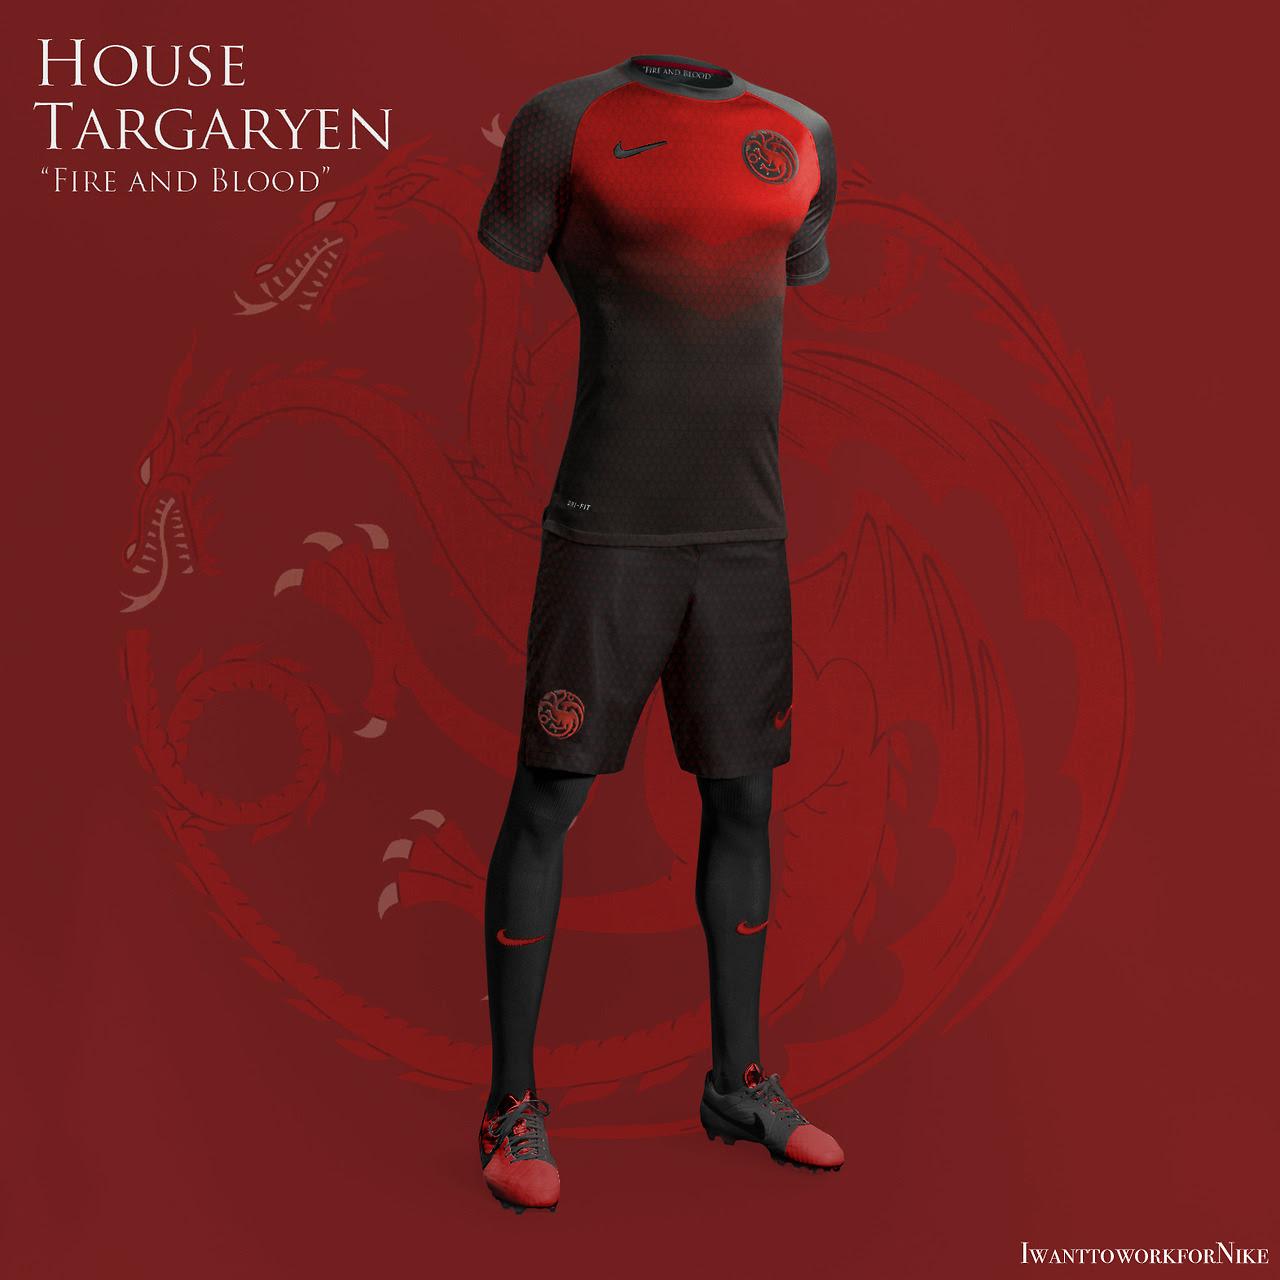 Equipaciones futboleras tipo Juego de Tronos - Targaryen